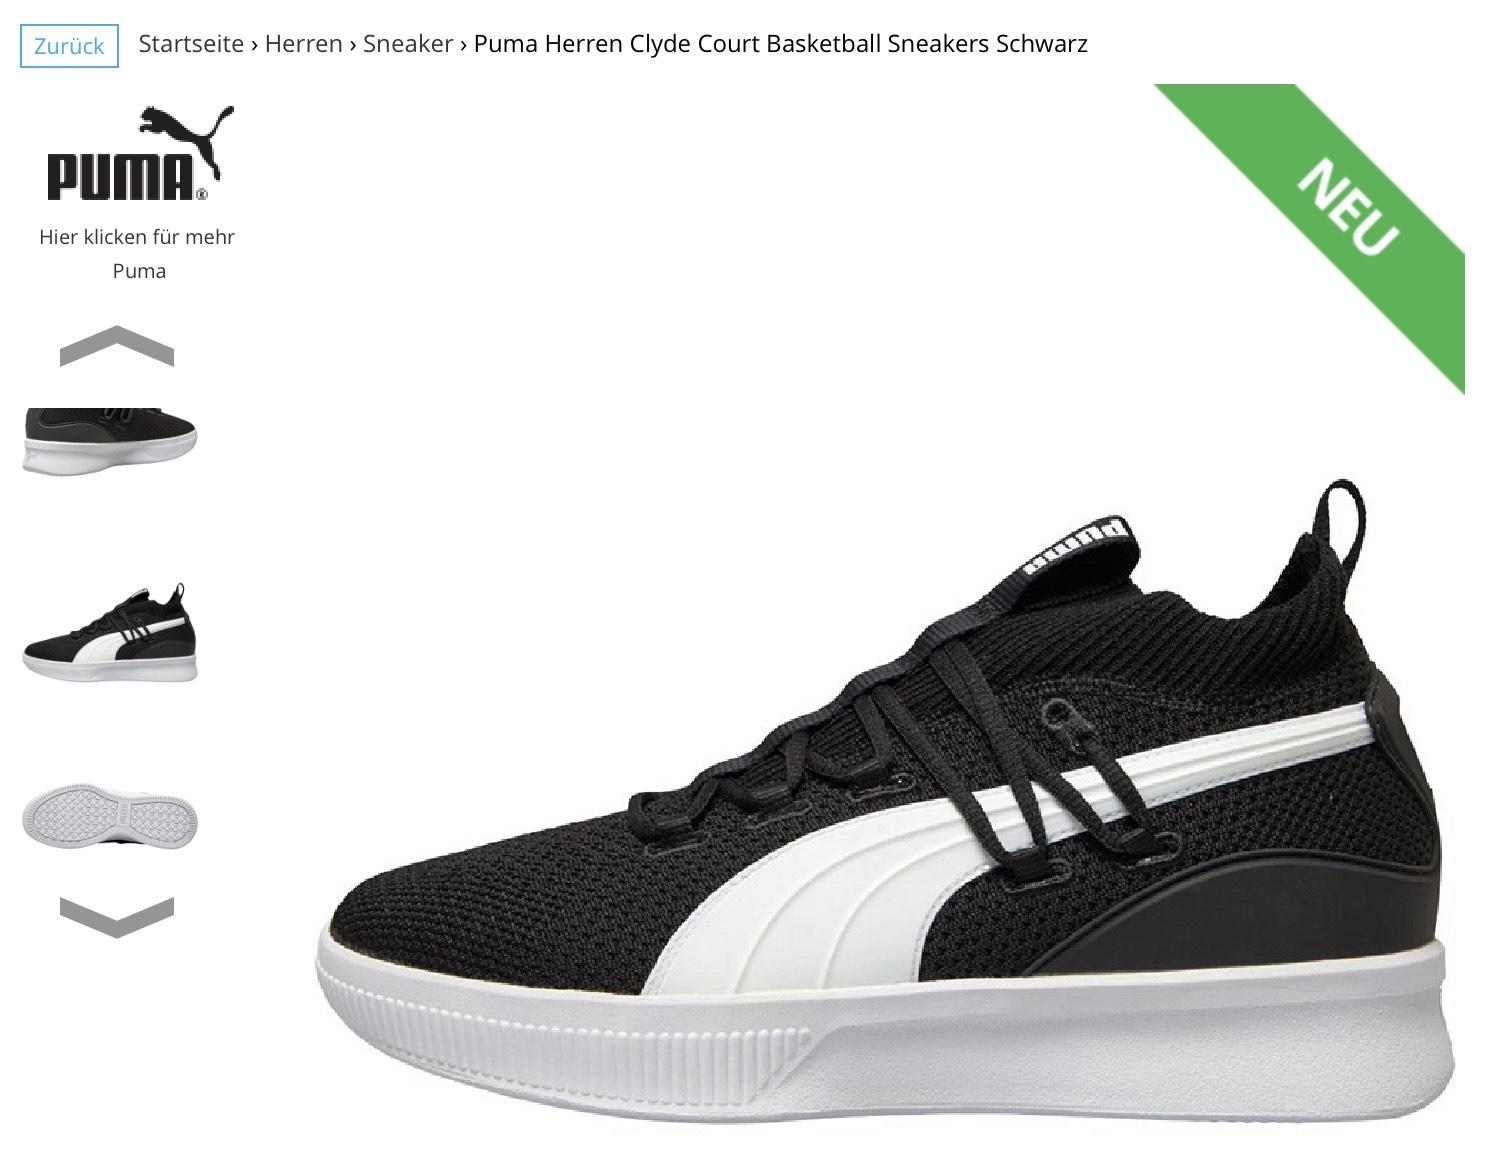 Puma Clyde Court Basketball Schuh Sneaker [mandmdirect]